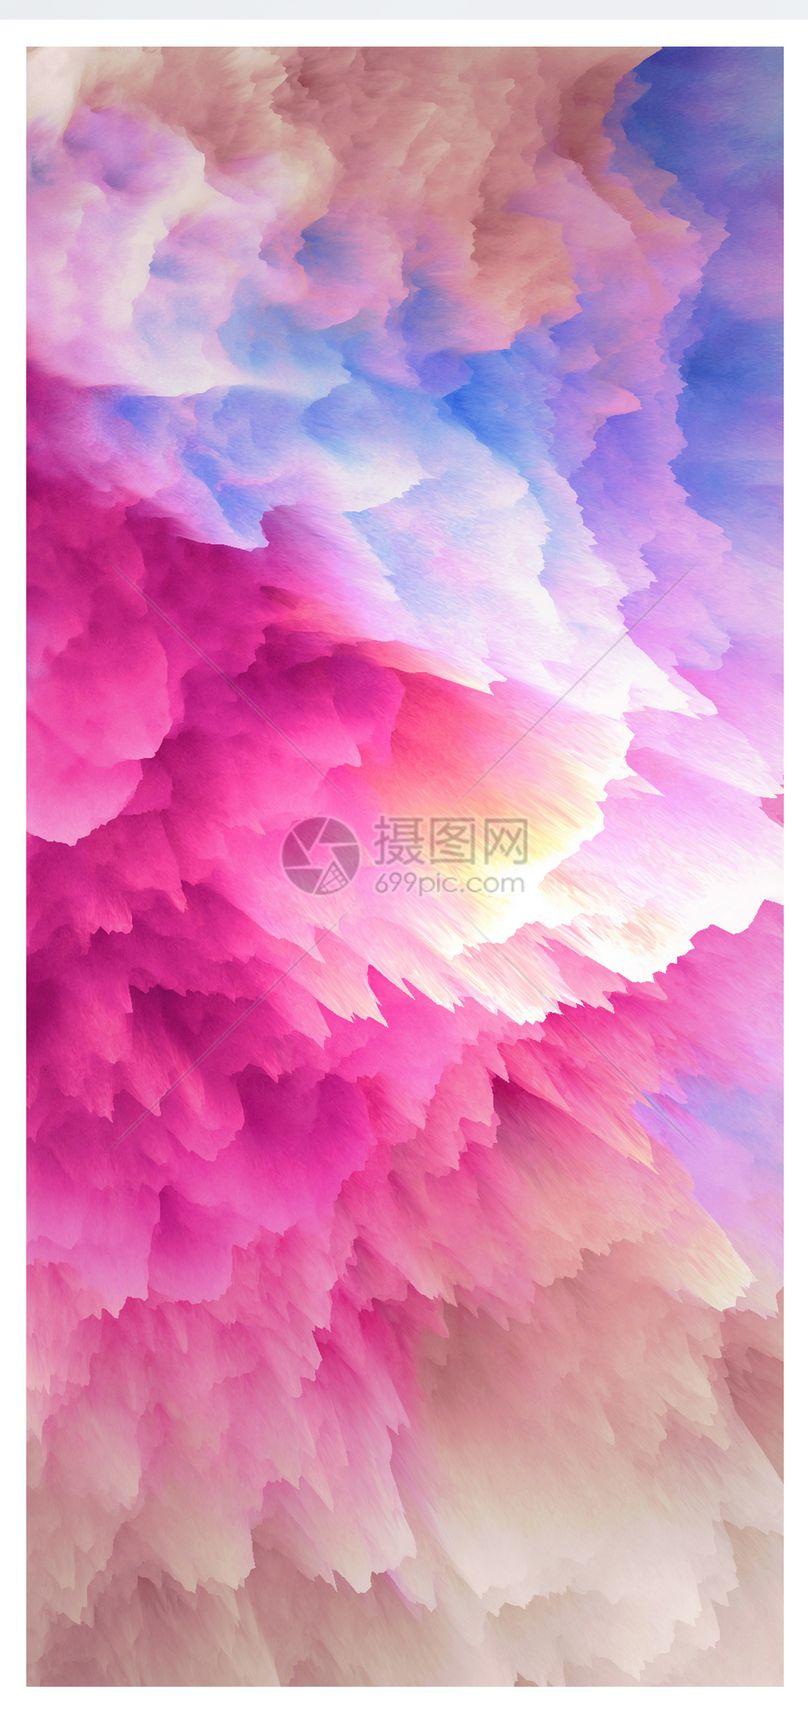 色彩烟雾手机壁纸图片